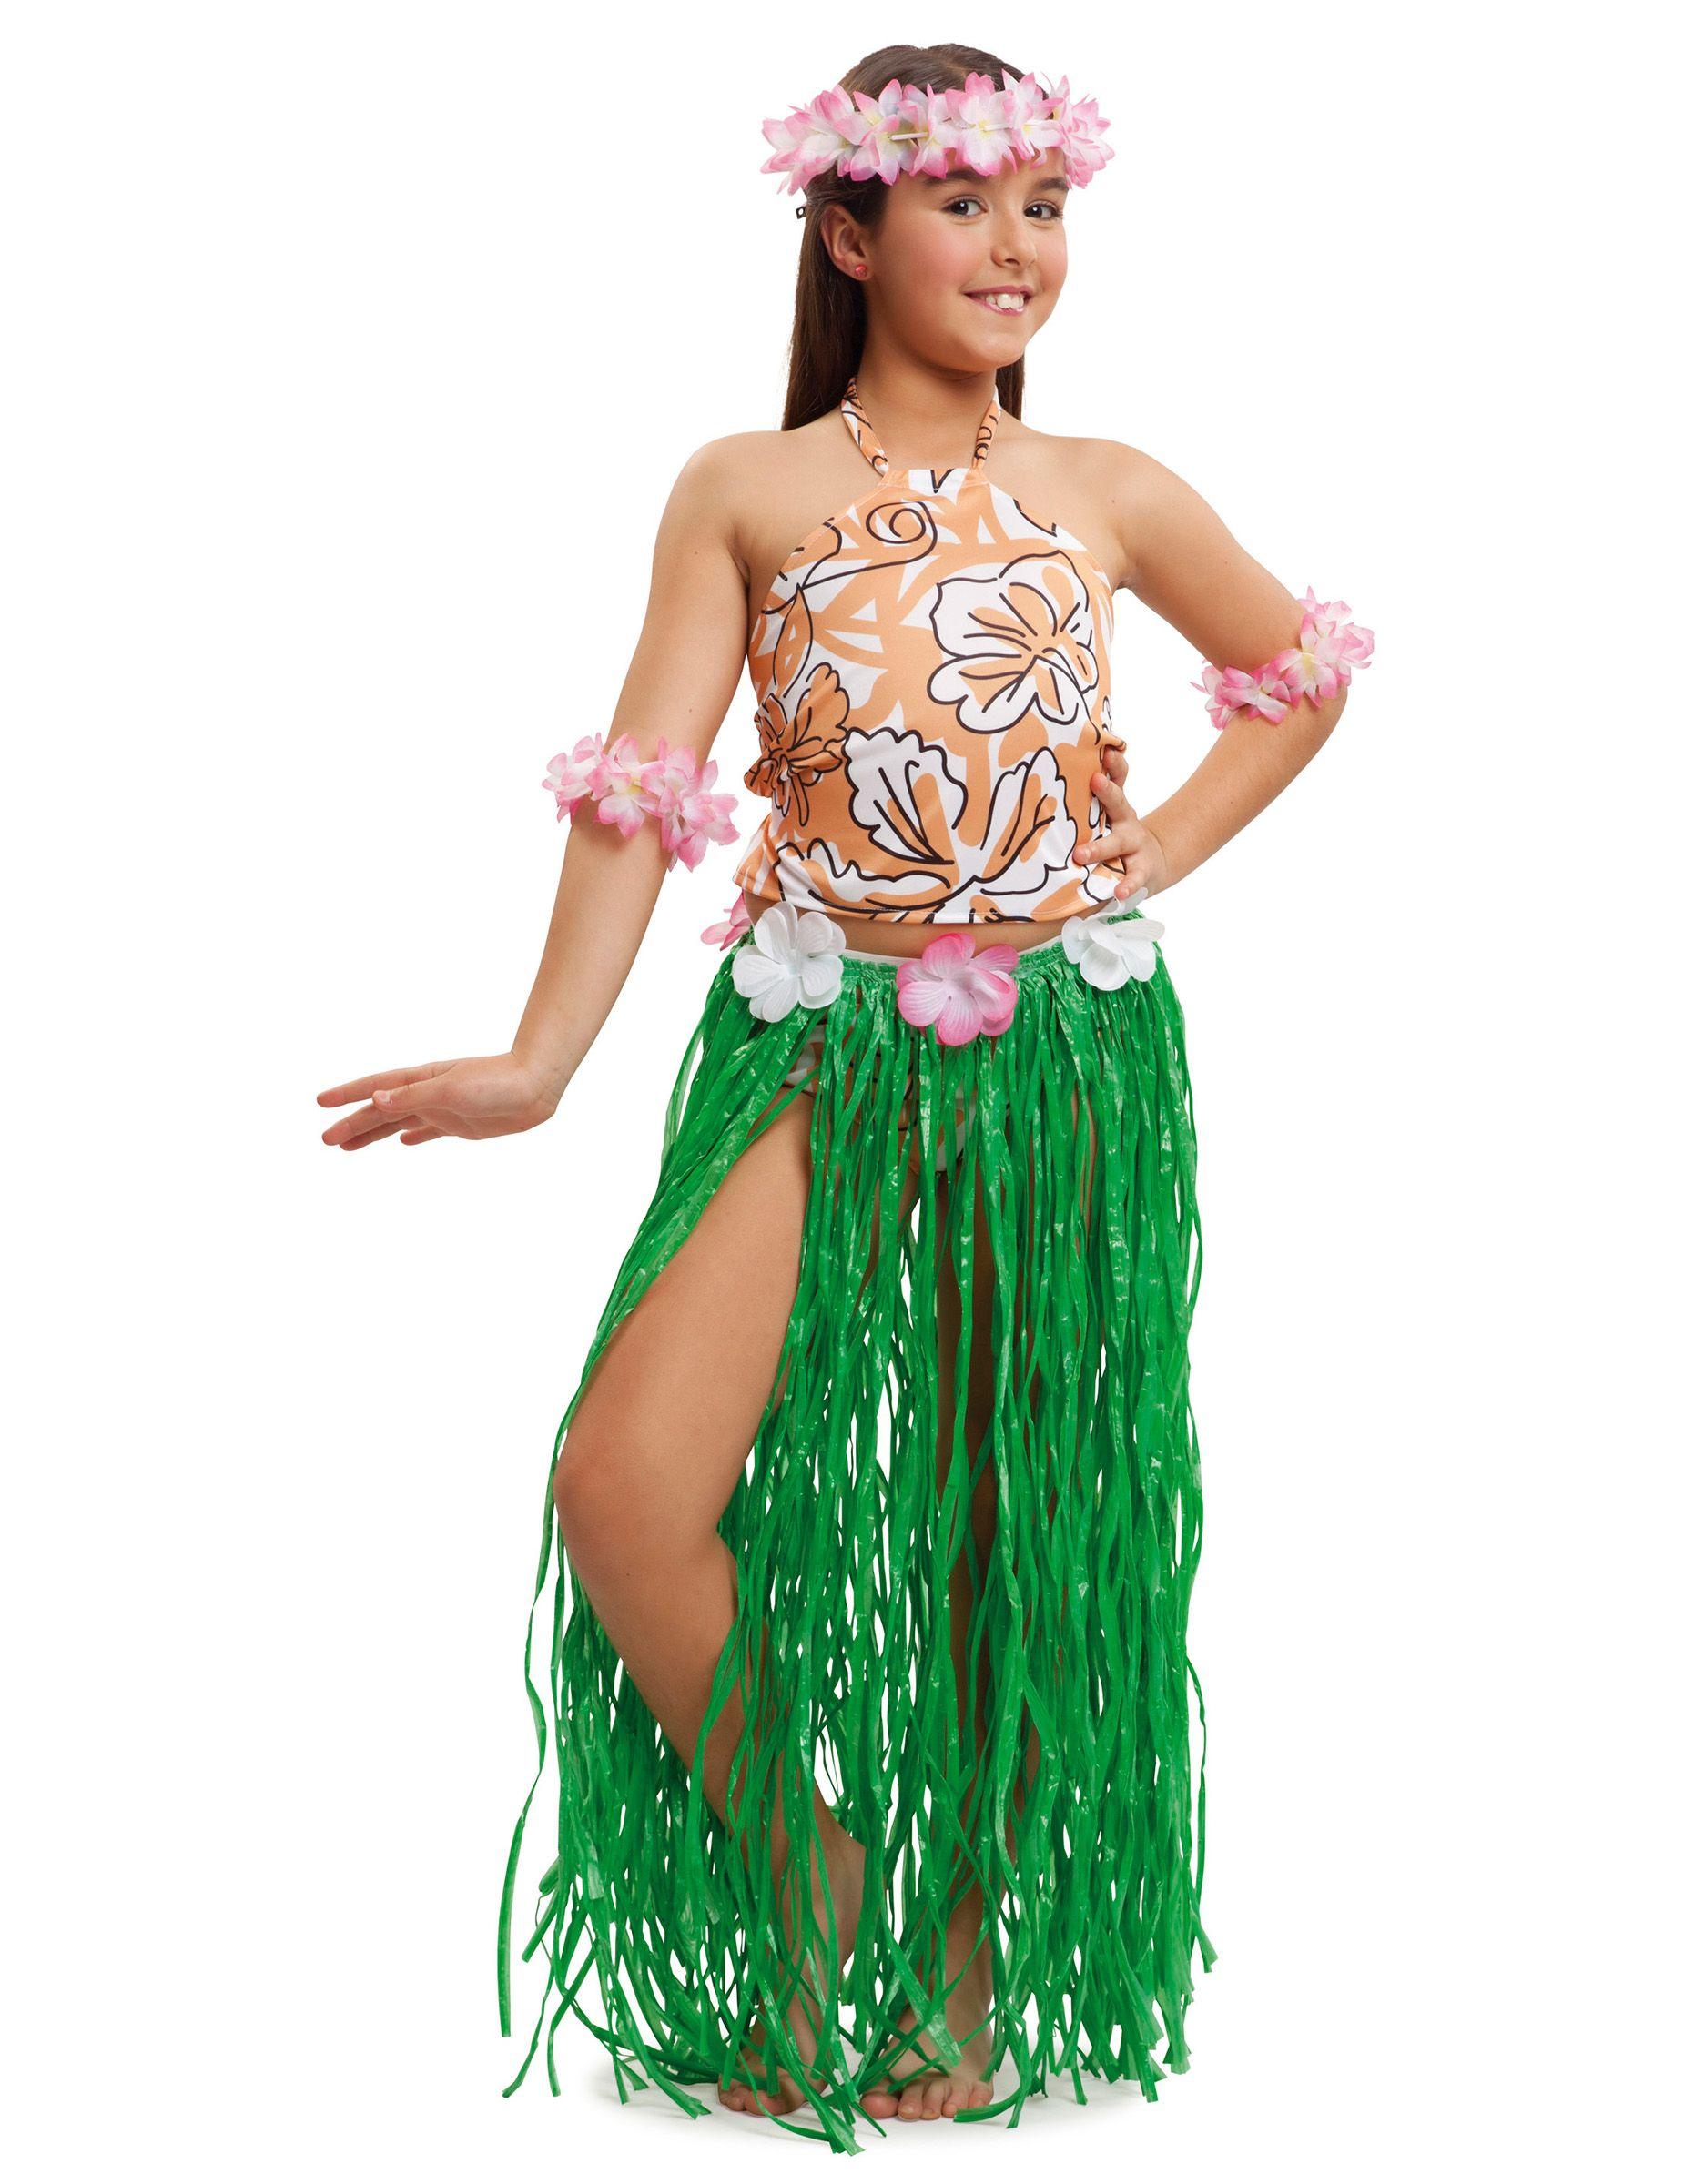 d8b762e9d90 Kostüm Hawaii-Mädchen in 2019 | BD celebration | Hawaiian party ...